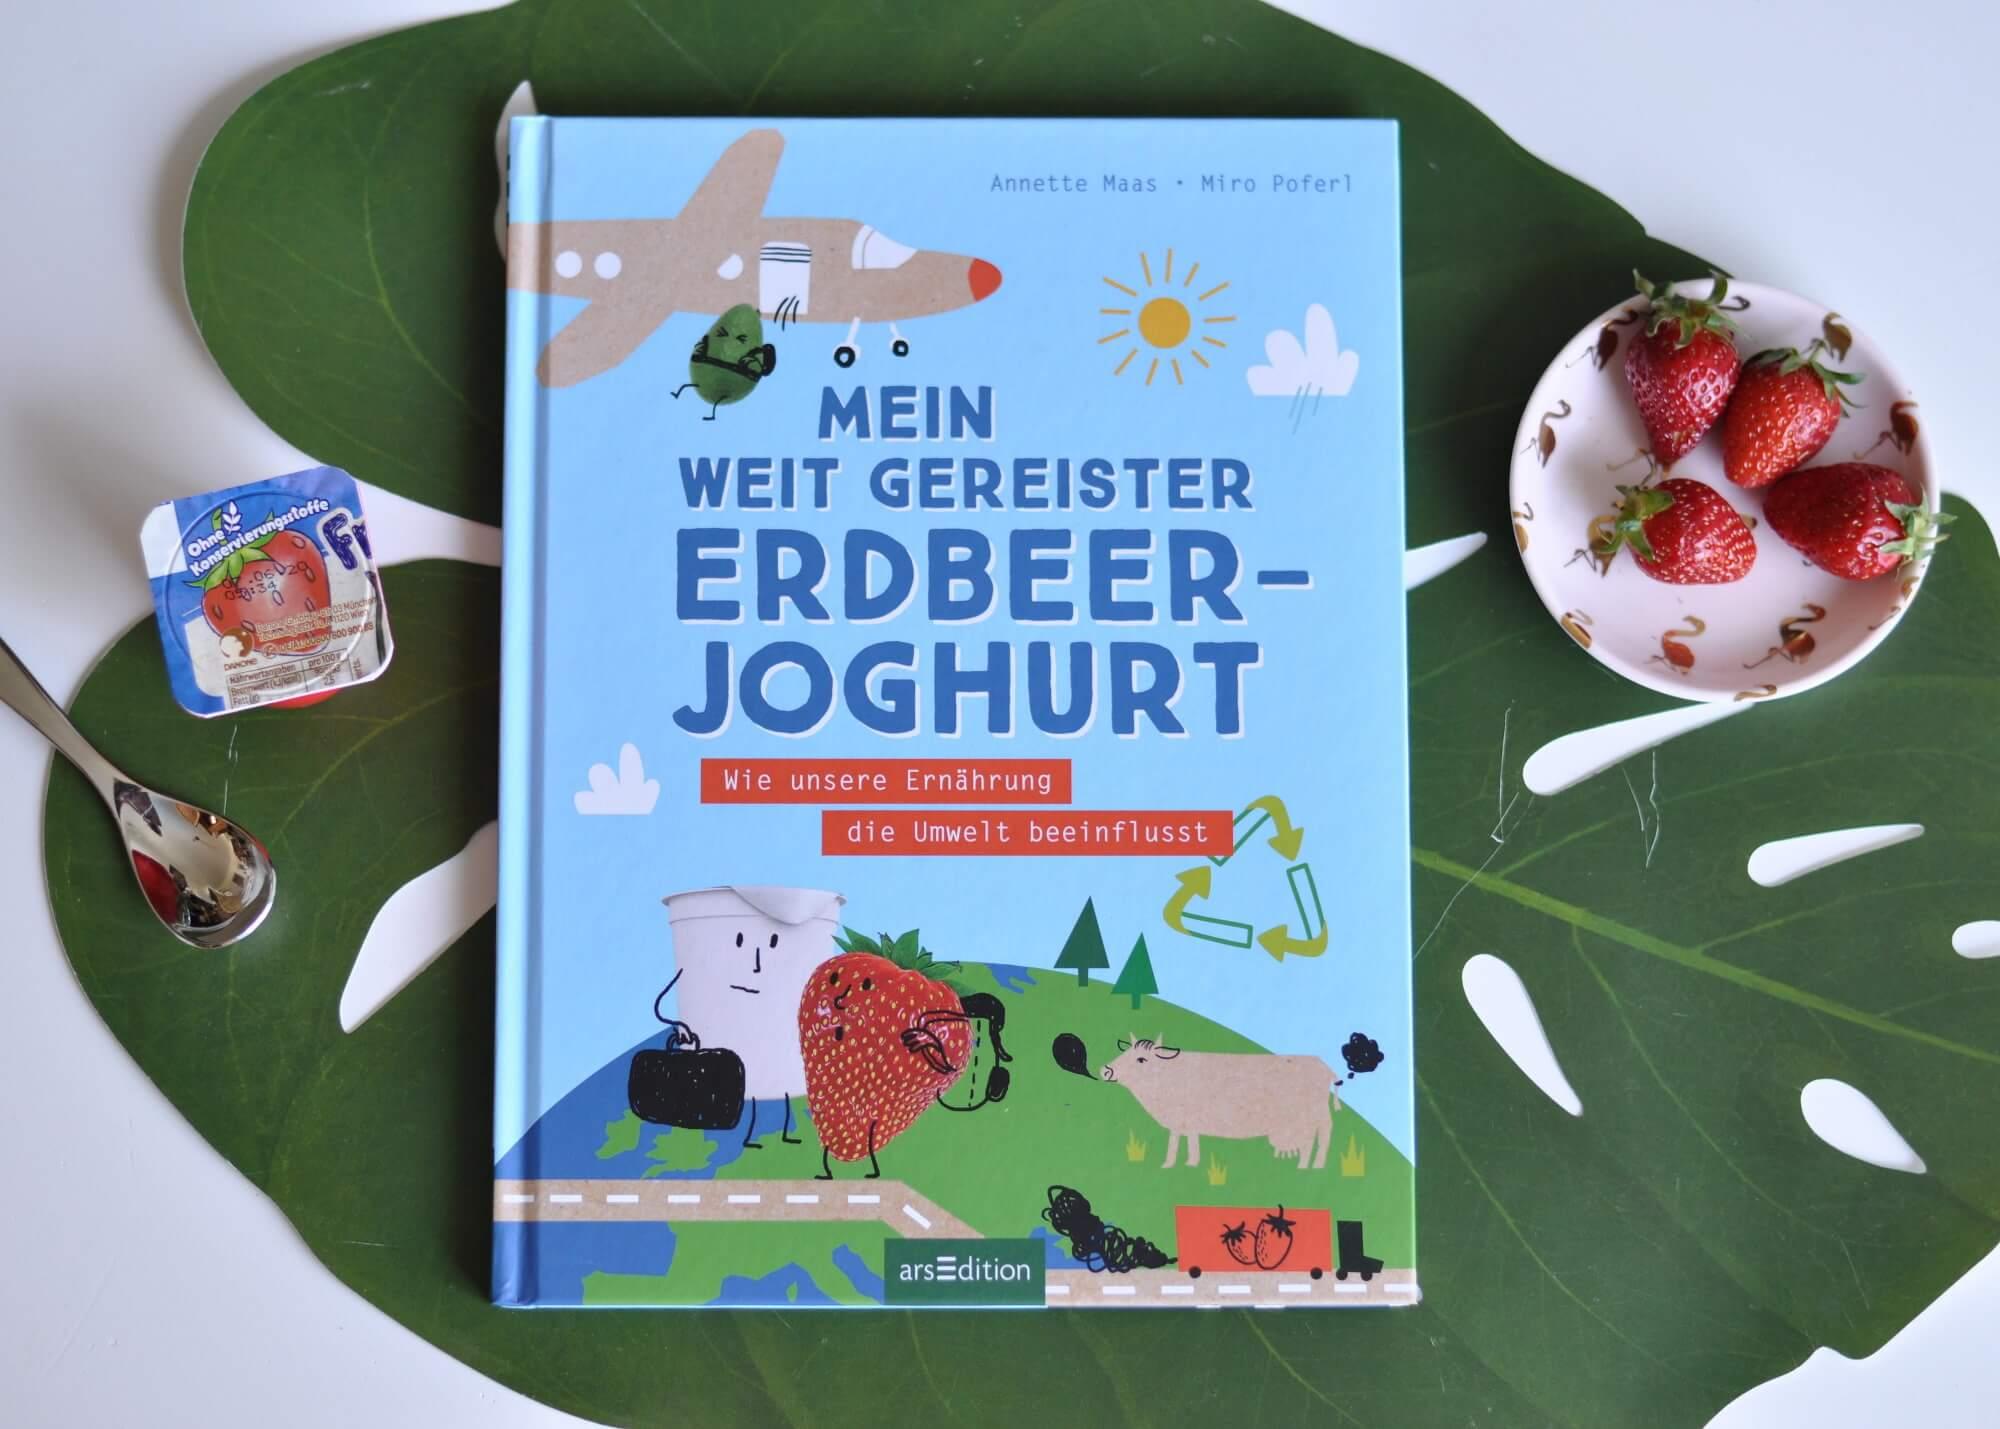 In Mein weit gereister Erdbeerjoghurt kommen verschiedene Themen zur Sprache: was das Pausenbrot mit dem ökologischen Fußabdruck zu tun hat, warum in einem Erdbeerjoghurt 9000 km Transport stecken, ob wir Fische bald nur noch im Aquarium sehen, was die Sojabohne mit dem Regenwald zu tun hat, aber auch, wie sich unsere Ernährung auf unseren Körper auswirkt. #sachbuch #ernährung #essen #buch #kinder #vegetarisch #lesen #umwelt #klima